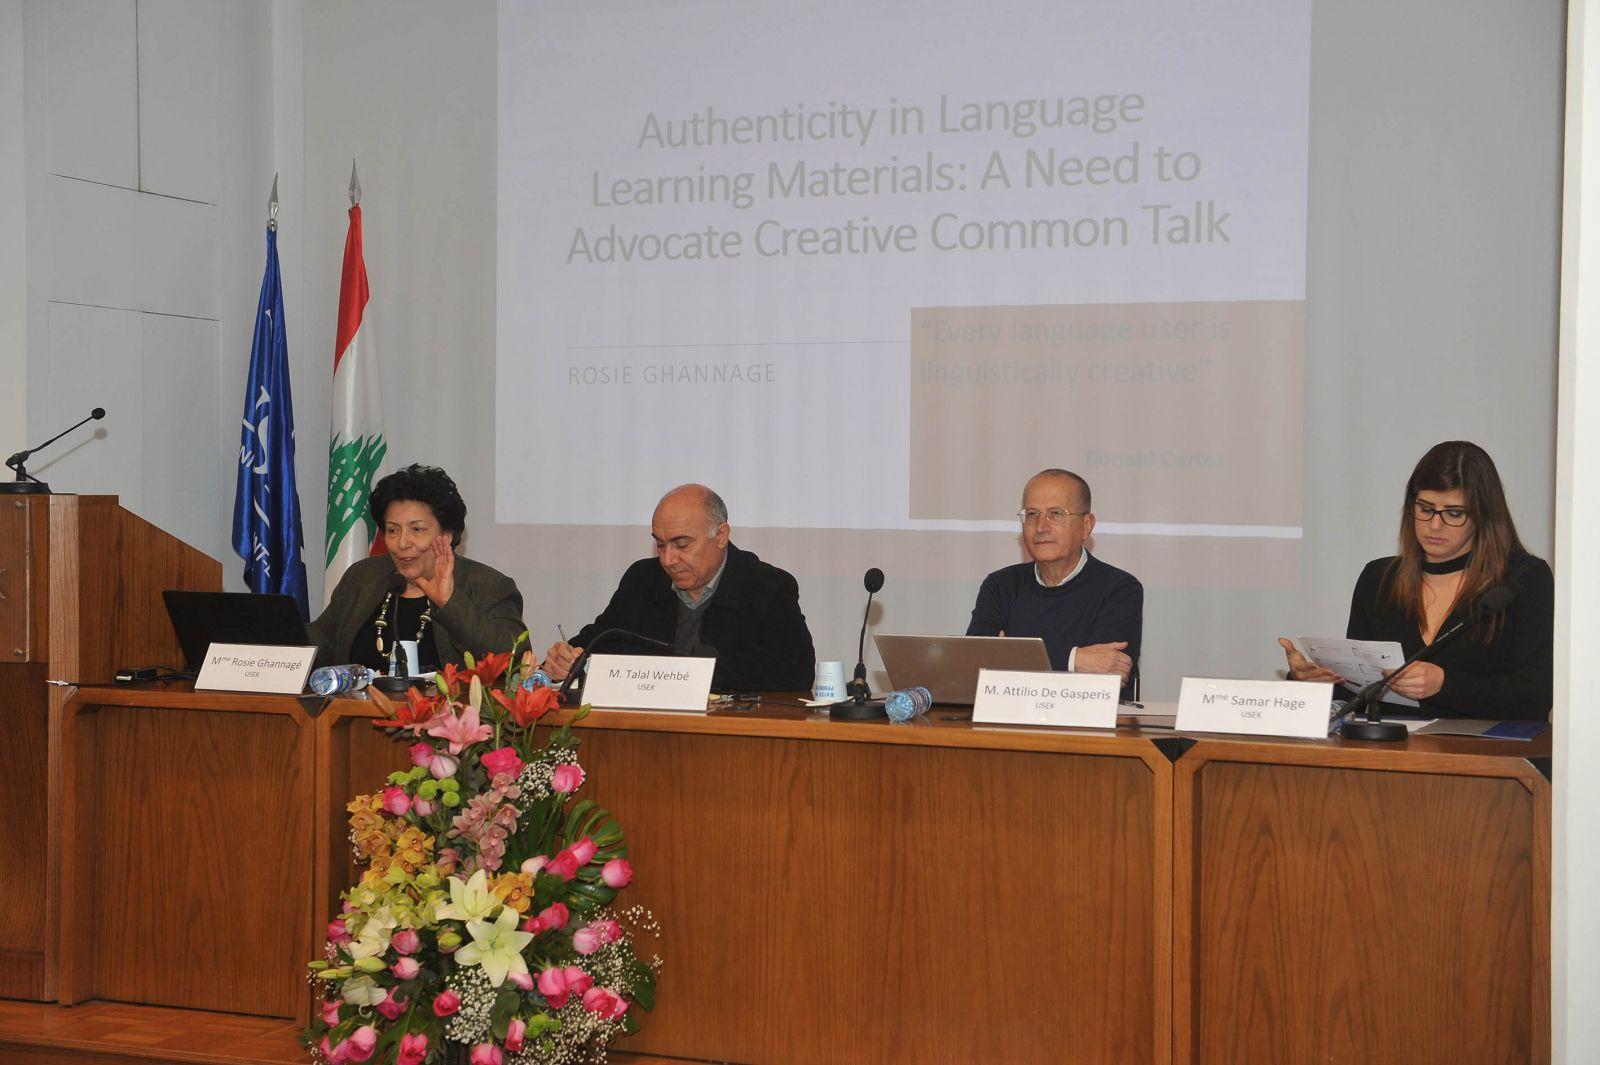 اليوم العالمي للغة الأم في جامعة الروح القدس – الكسليك